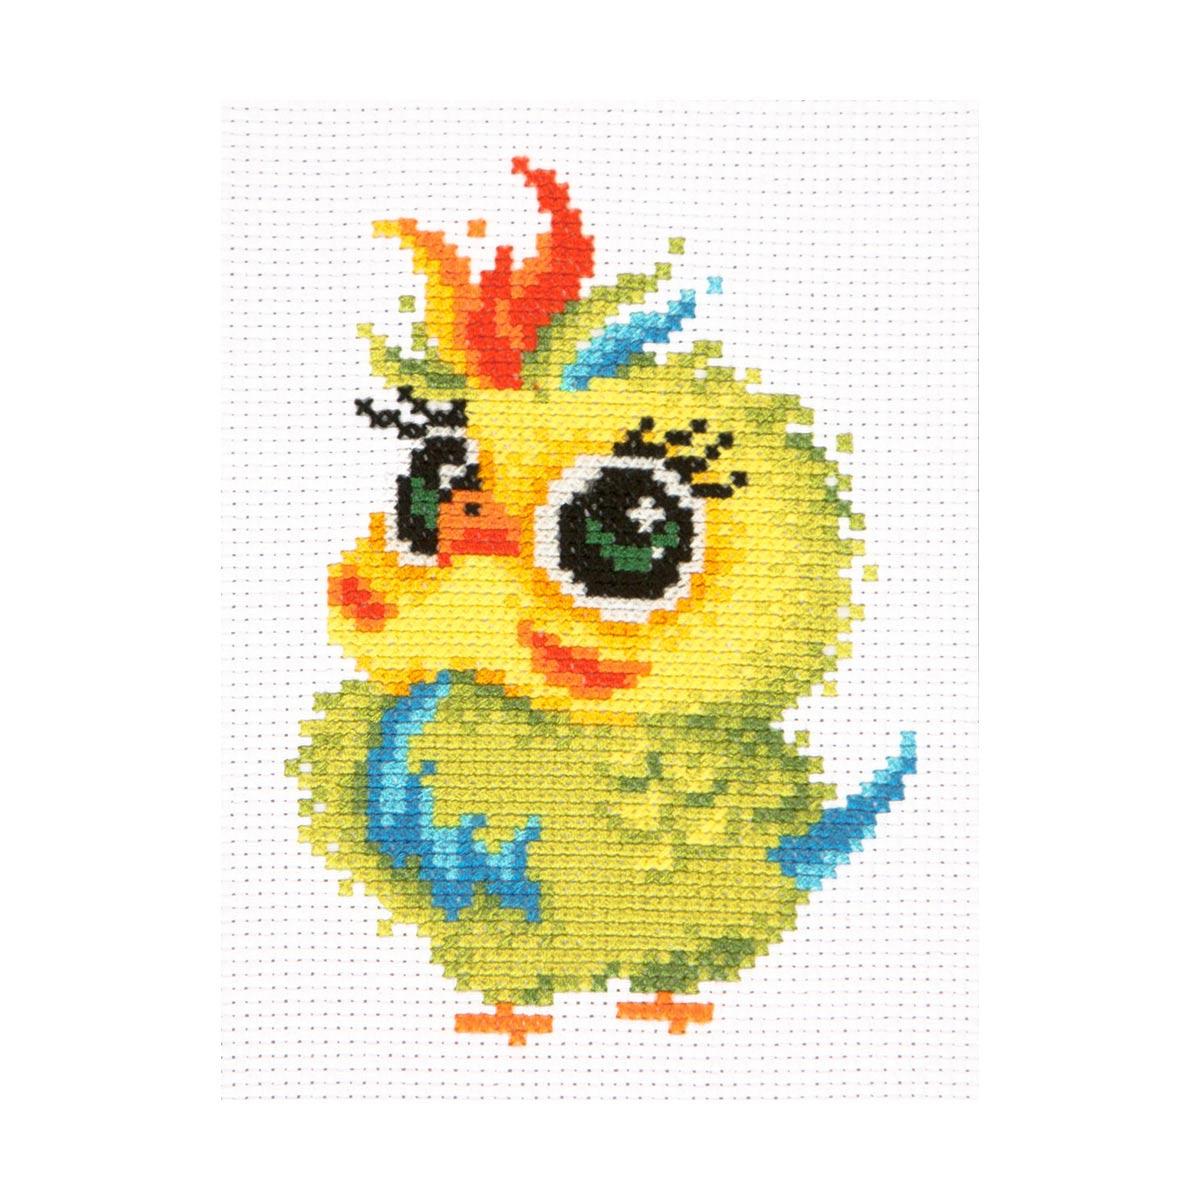 10-31 Набор для вышивания Чудесная игла 'Попугайчик' 11*16см